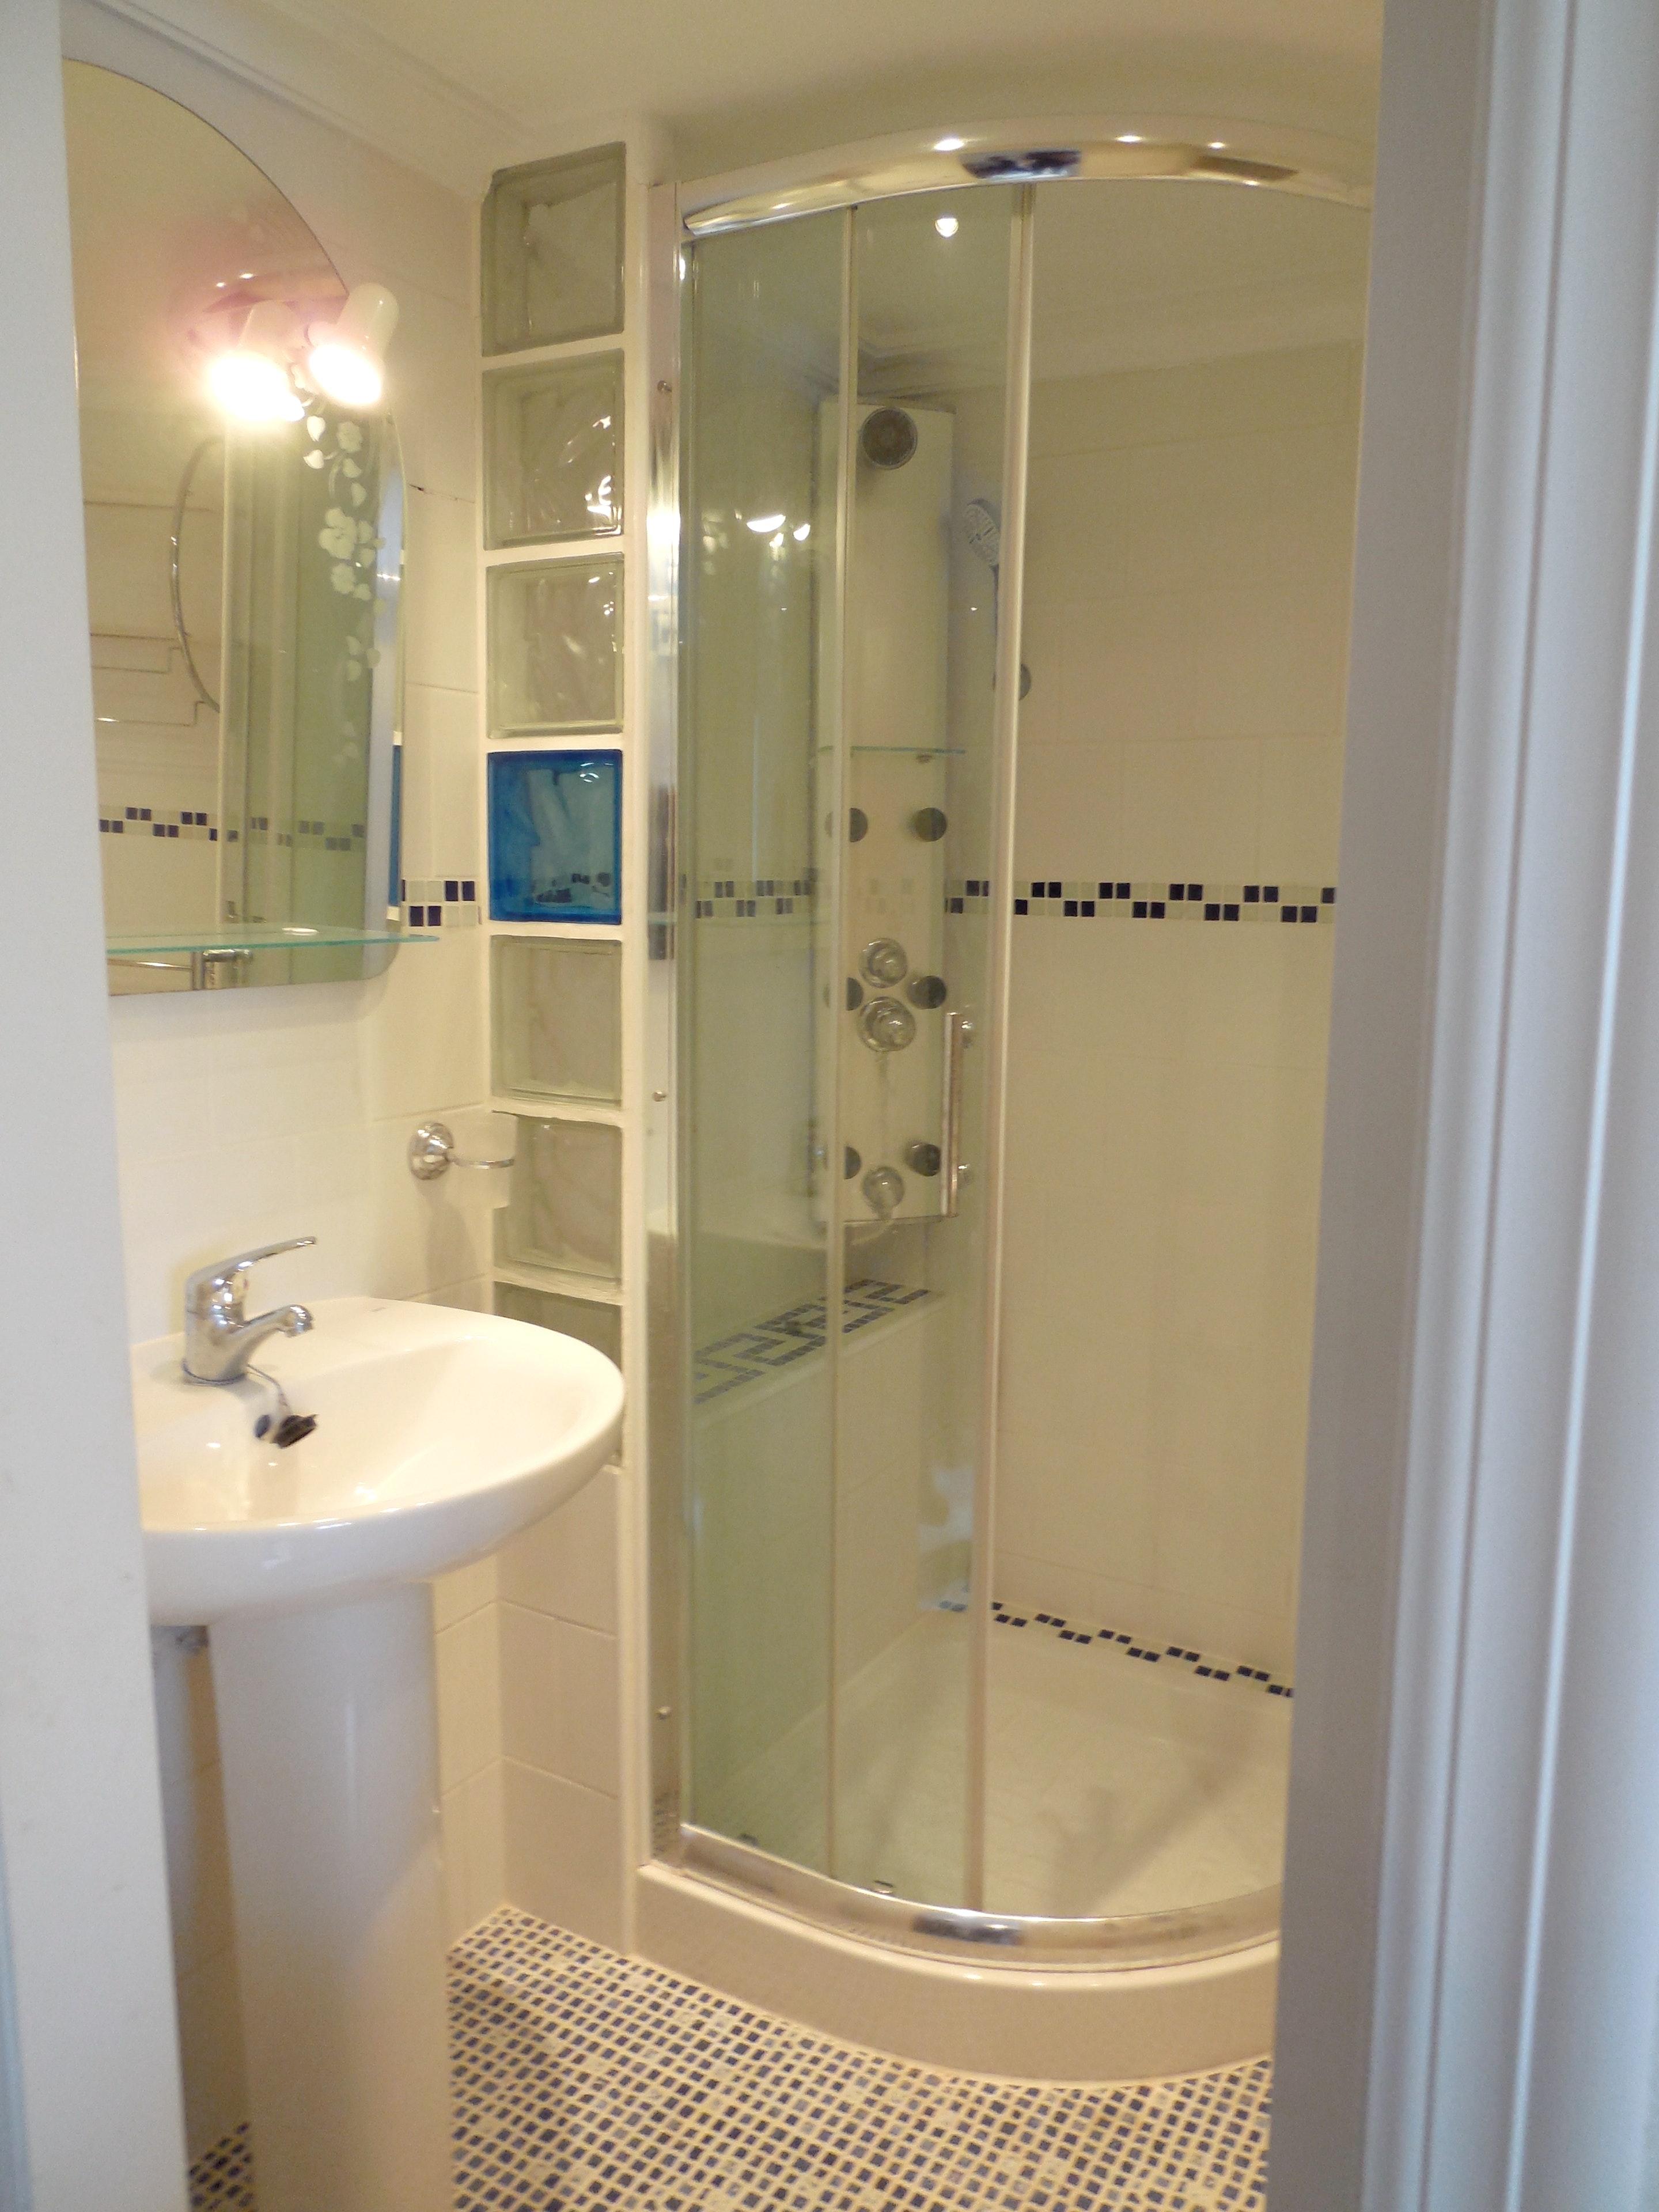 Appartement de vacances Wohnung mit 2 Schlafzimmern in Mazarrón mit toller Aussicht auf die Berge, privatem Pool,  (2632538), Mazarron, Costa Calida, Murcie, Espagne, image 30